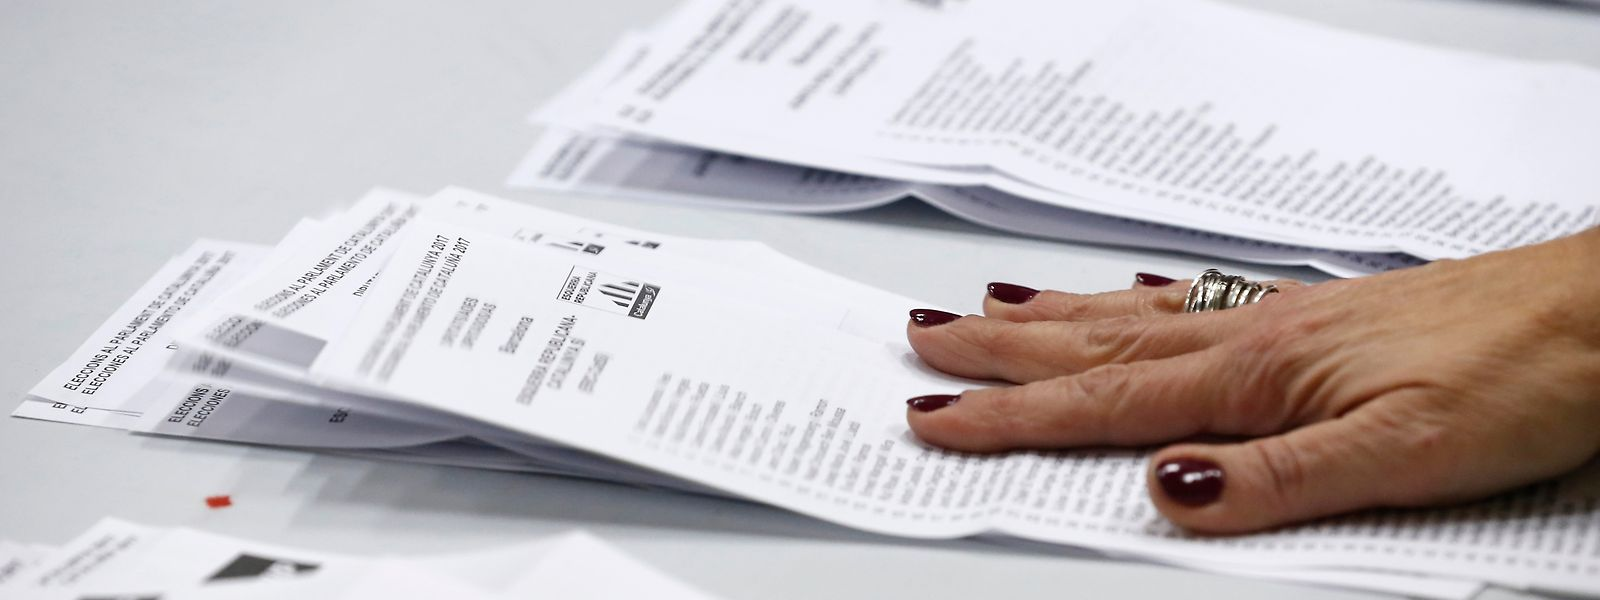 Die Neuwahl fand knapp zwei Monate nach der Absetzung der Separatisten-Regierung durch die Zentralregierung in Madrid statt. Dabei zeichnete sich eine Rekordbeteiligung ab.